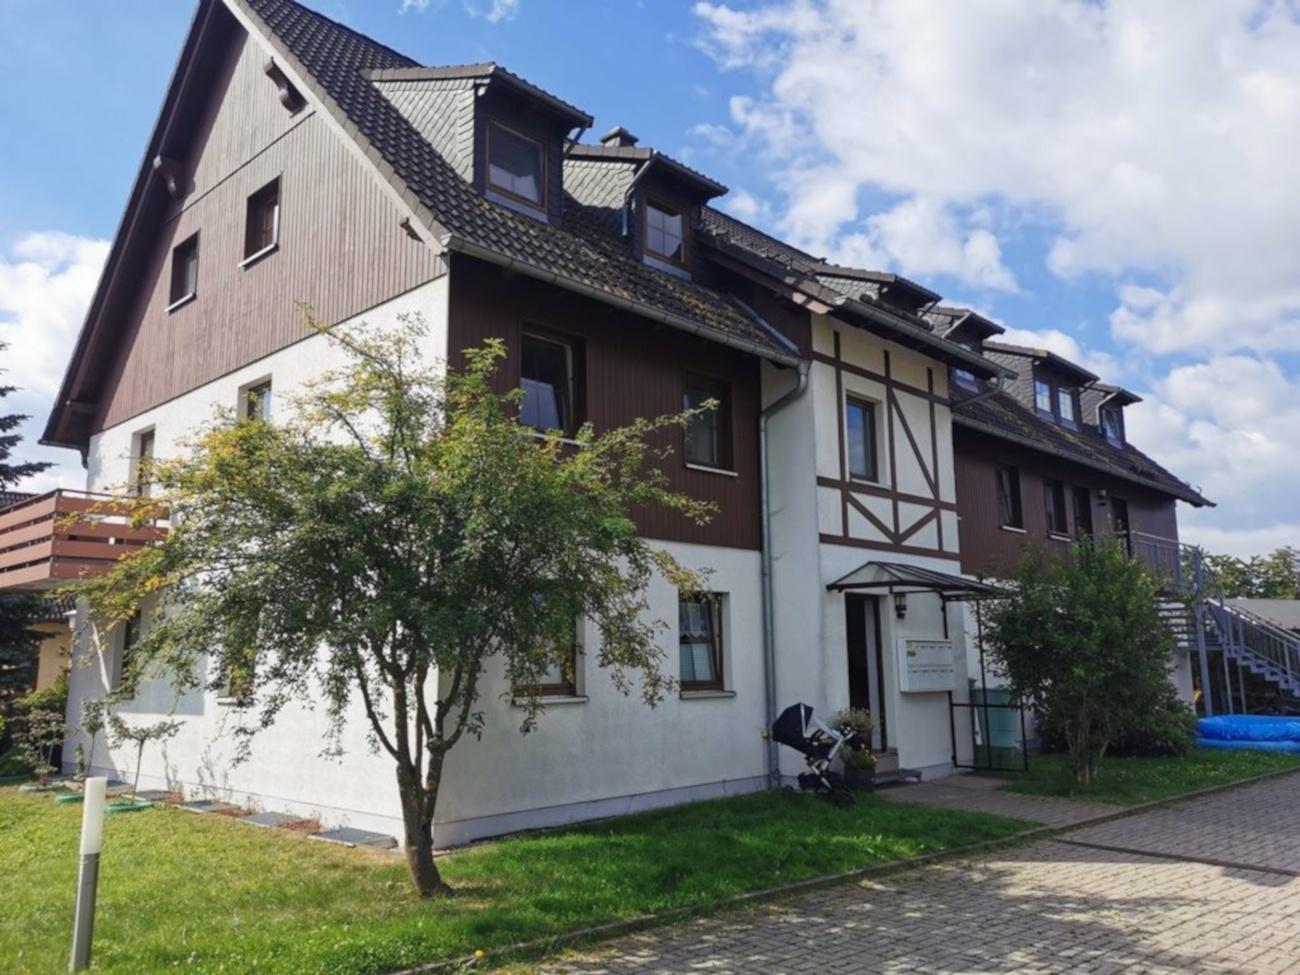 Idyllisch gelegene 3-Raum-Wohnung in Börnichen